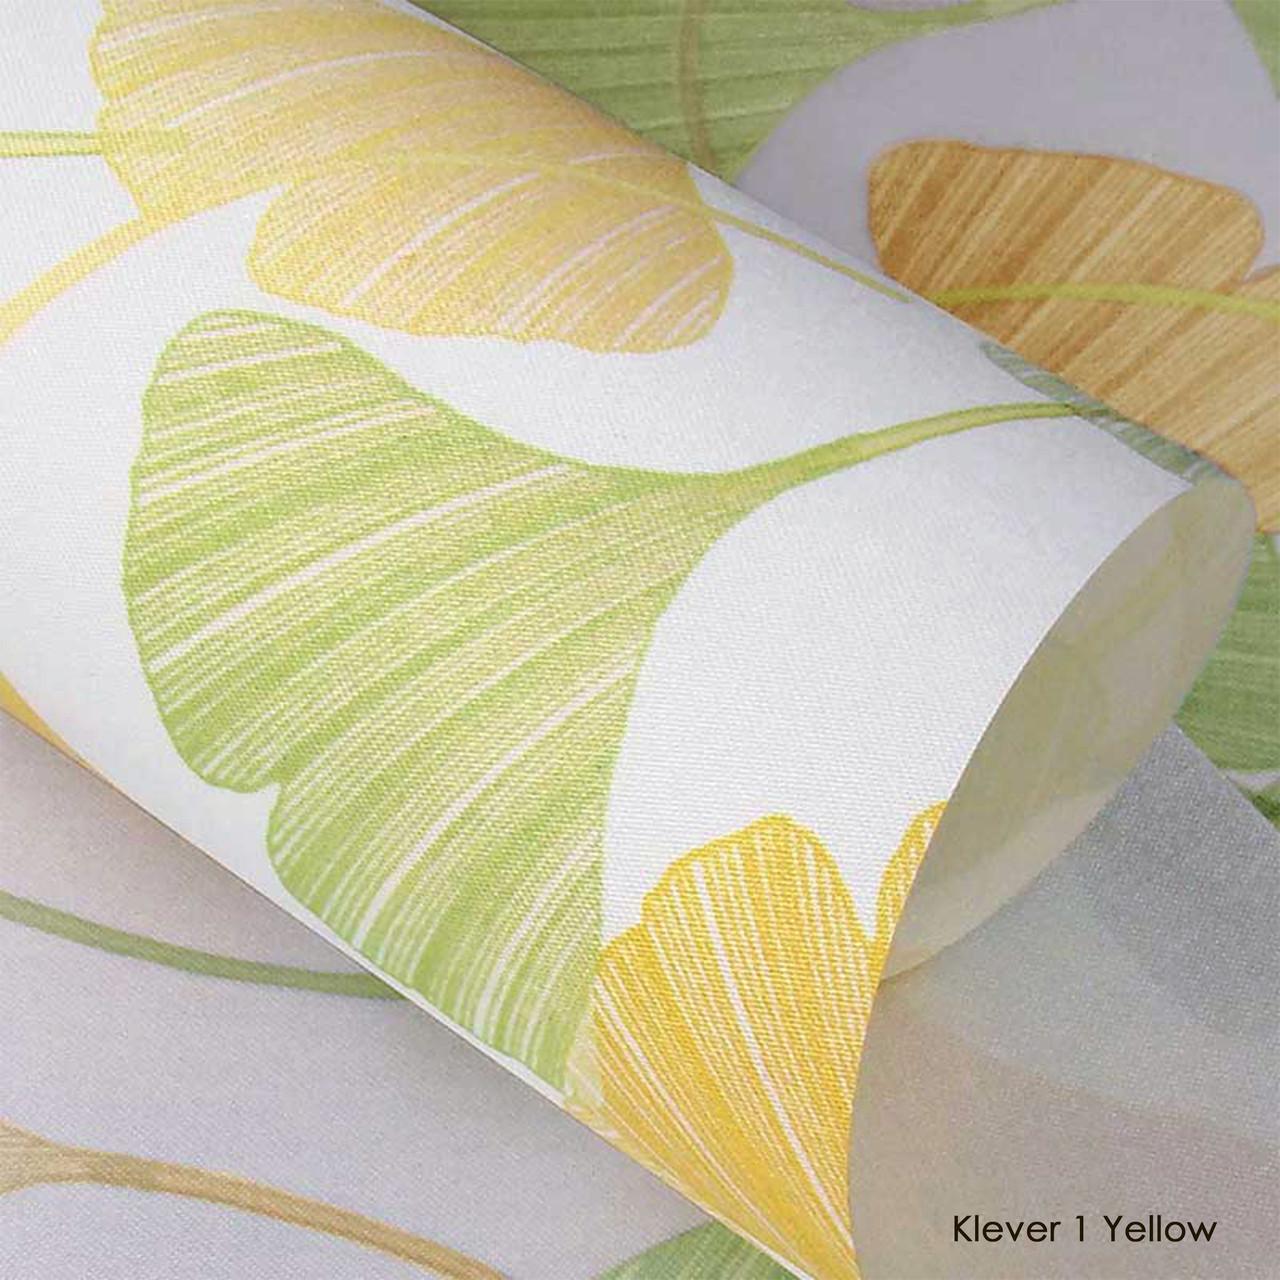 Ролети тканинні Klever 1 Yellow